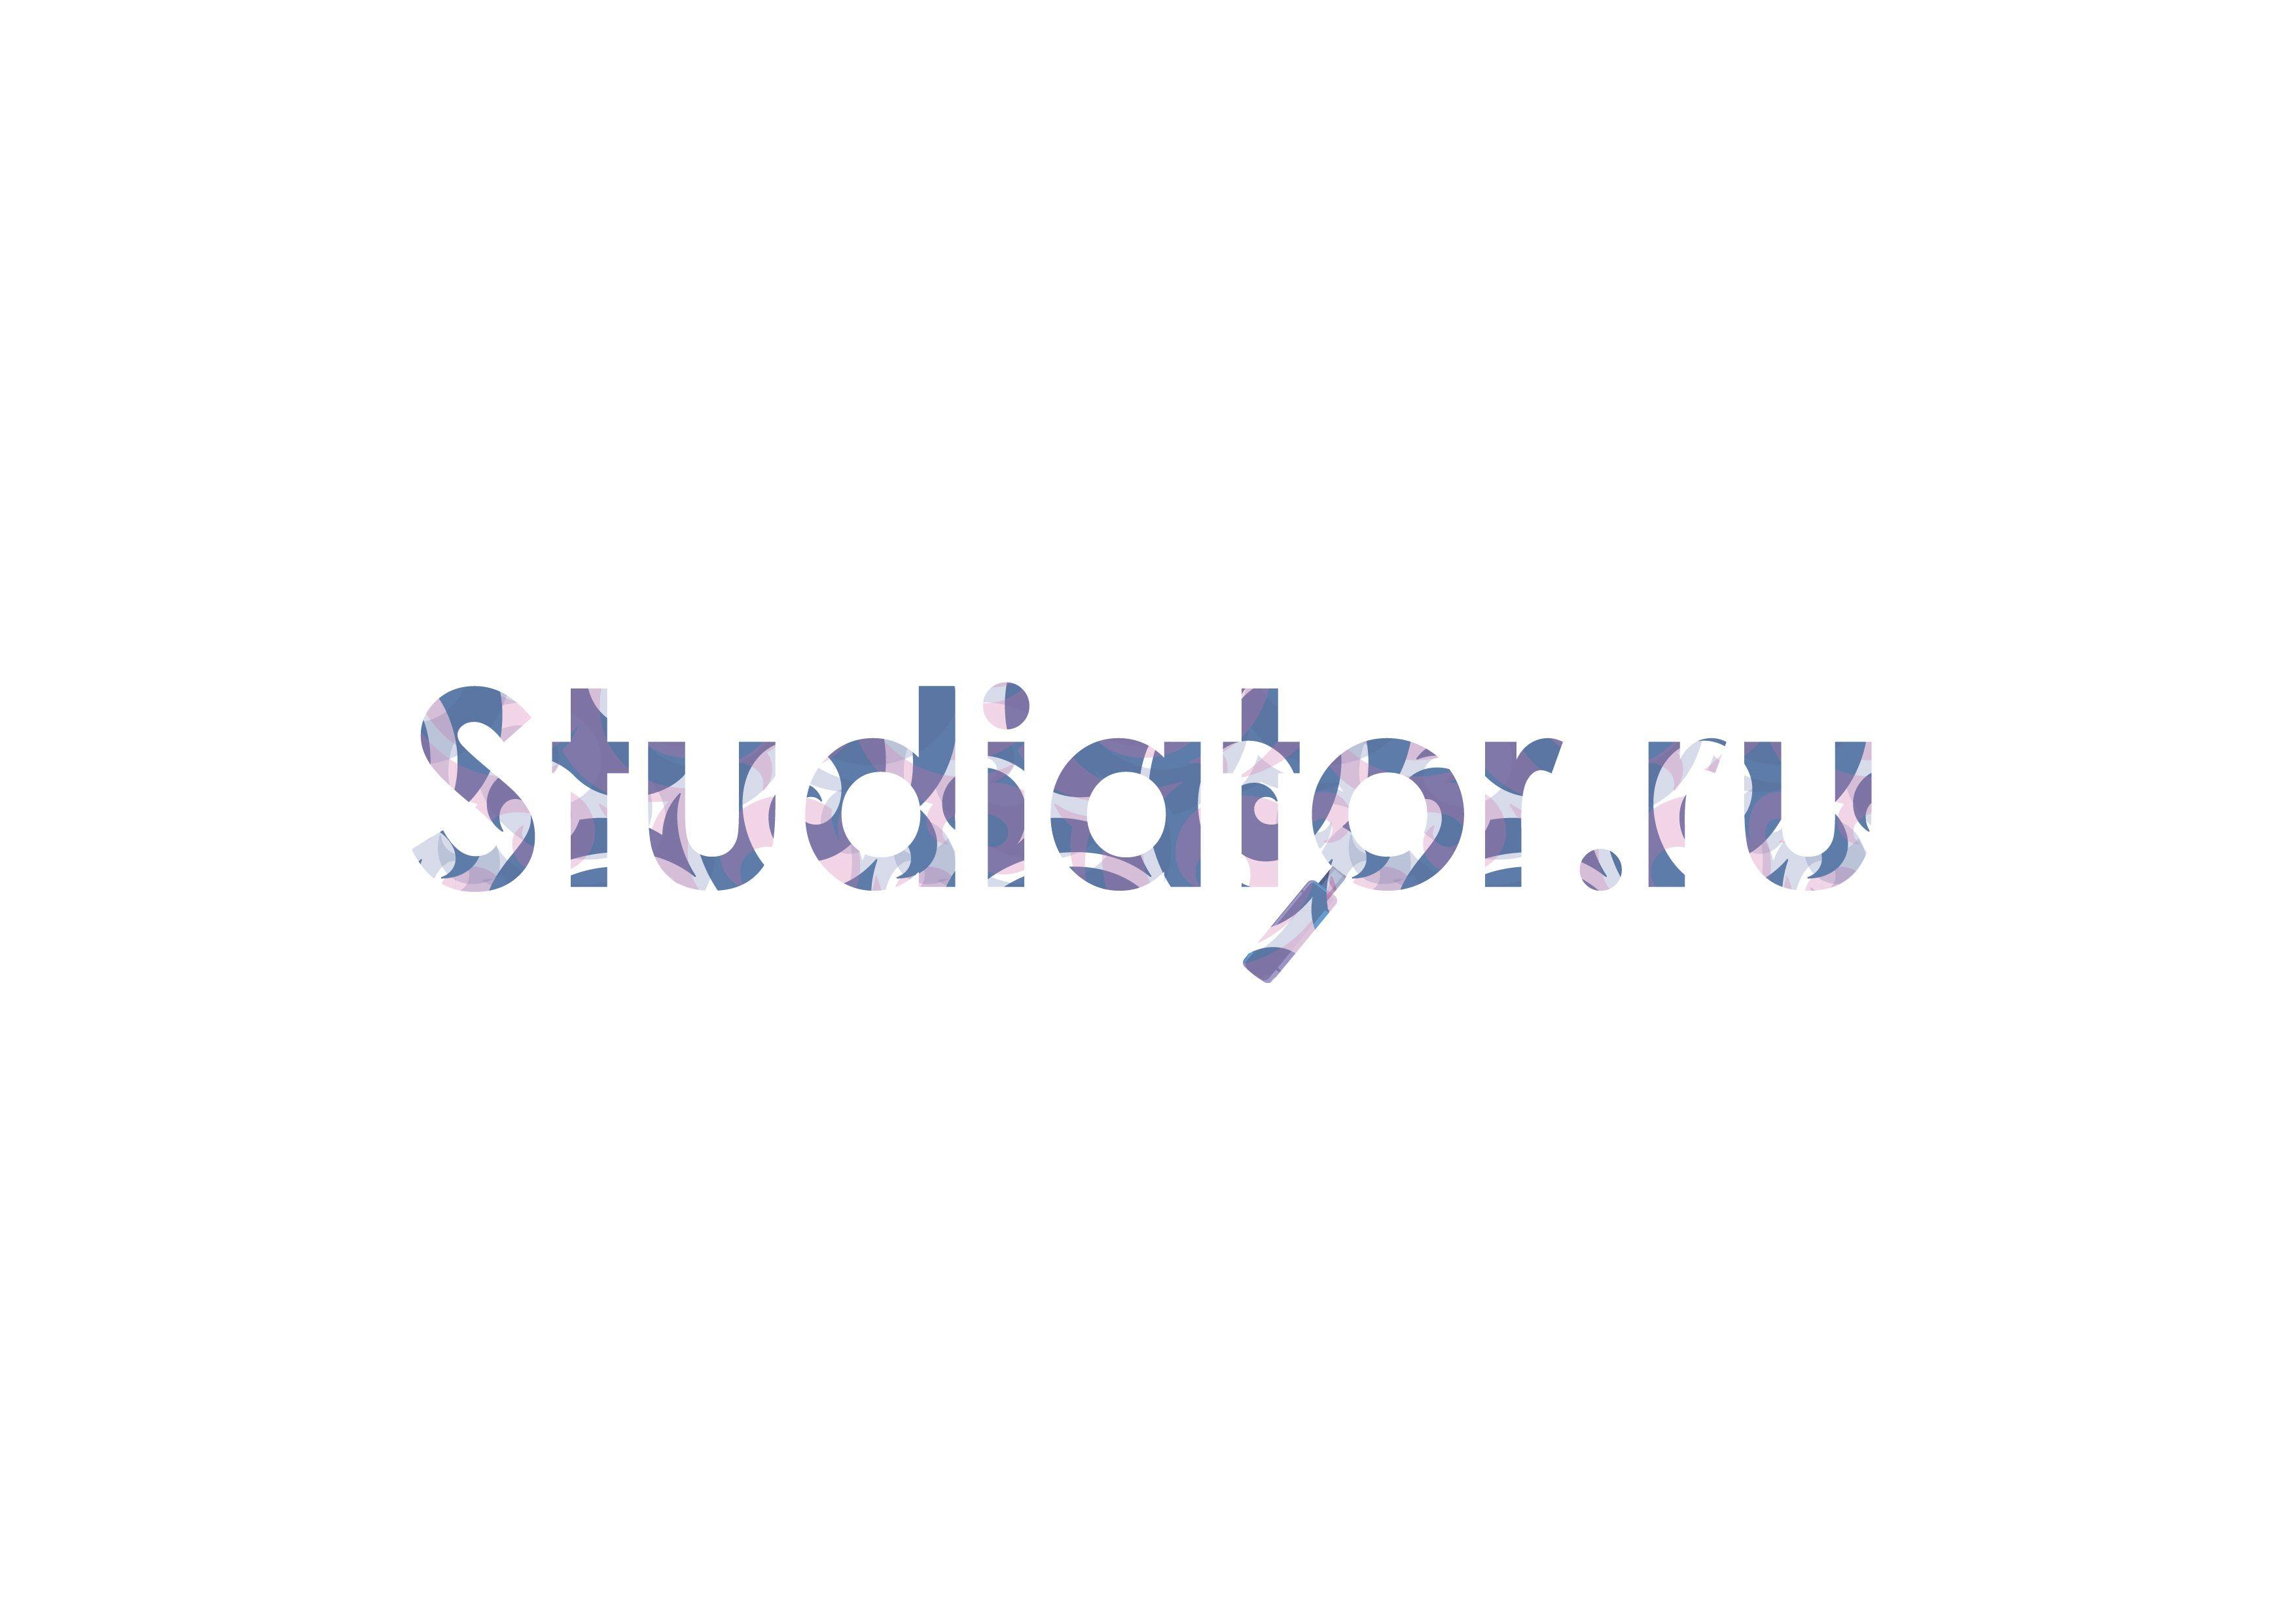 Логотип для каталога студий Веб-дизайна - дизайнер Agaf_D